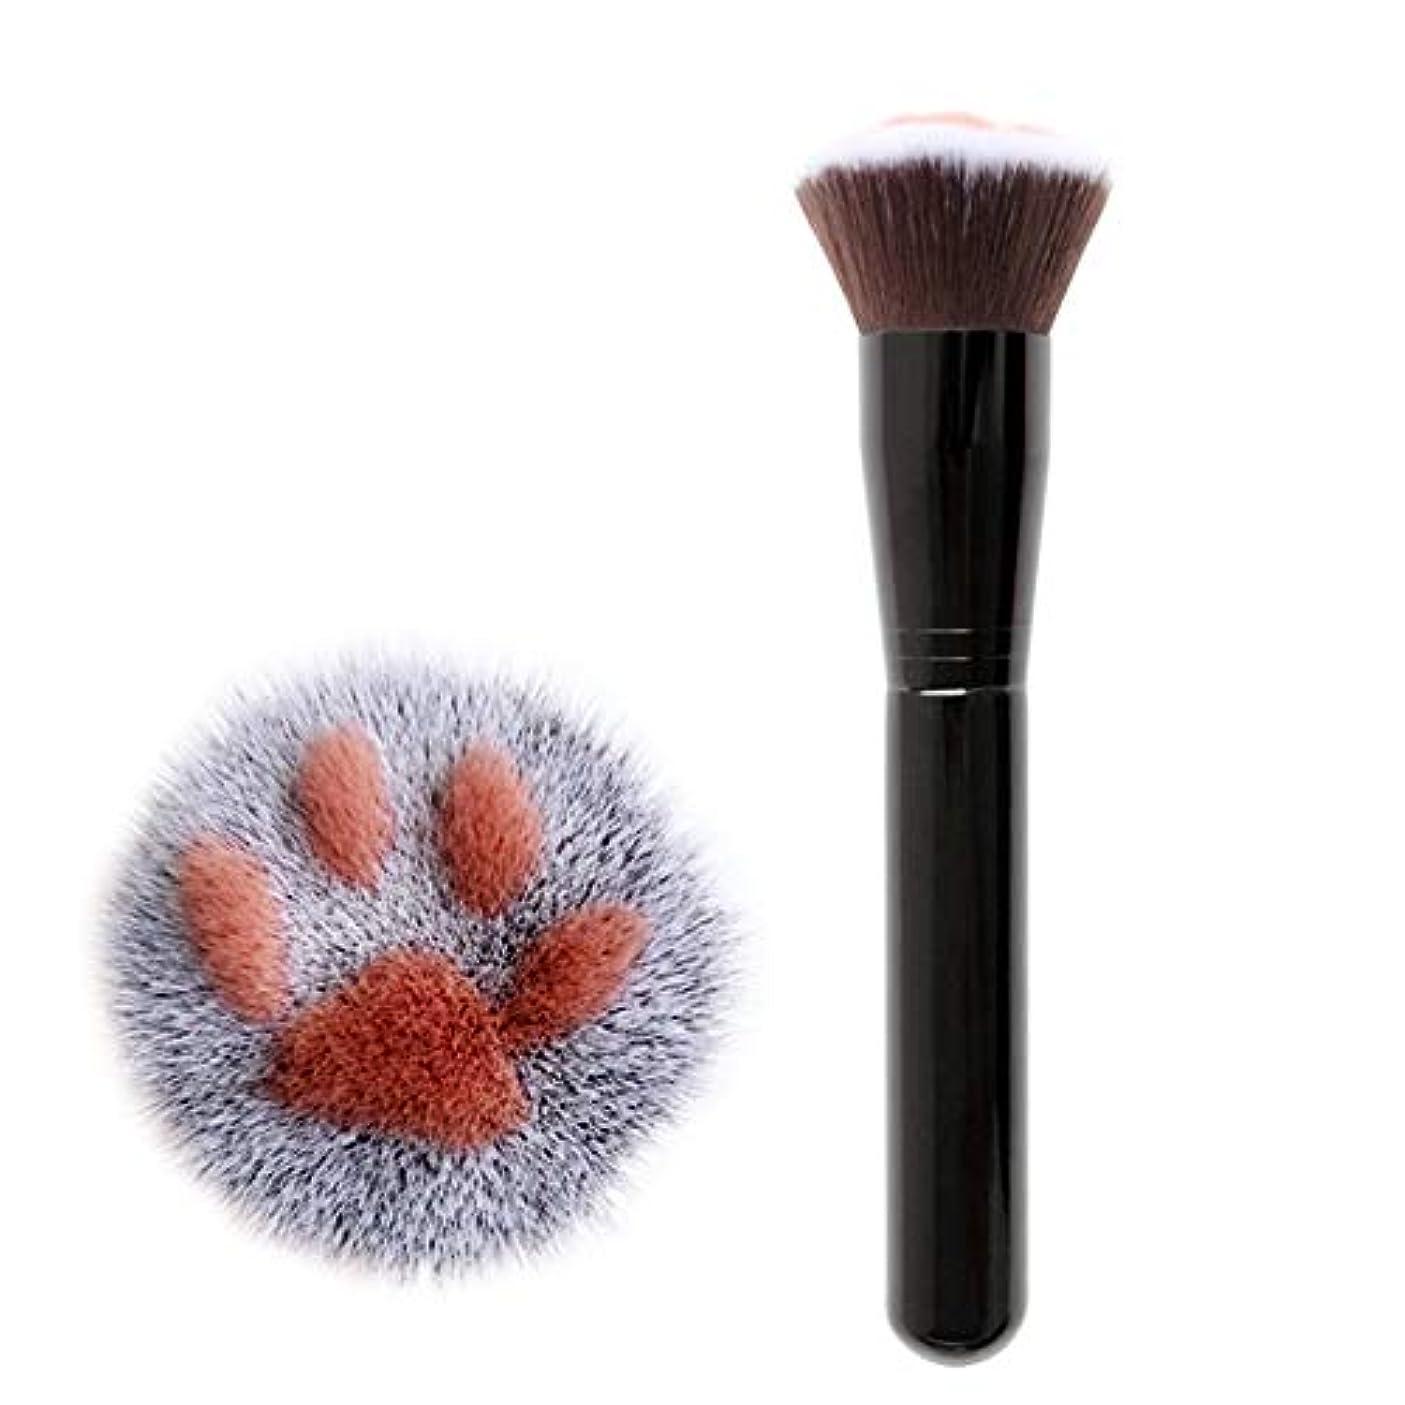 ガムペンス反対するTerGOOSE メイクブラシ 化粧筆 専用メイクブラシ アイシャドウブラシ ブラシ 猫の爪 高級繊維毛 コスメ 高品質 目元 可愛い 快適な 安全性 オシャレ 人気 ギフト(ブラック)